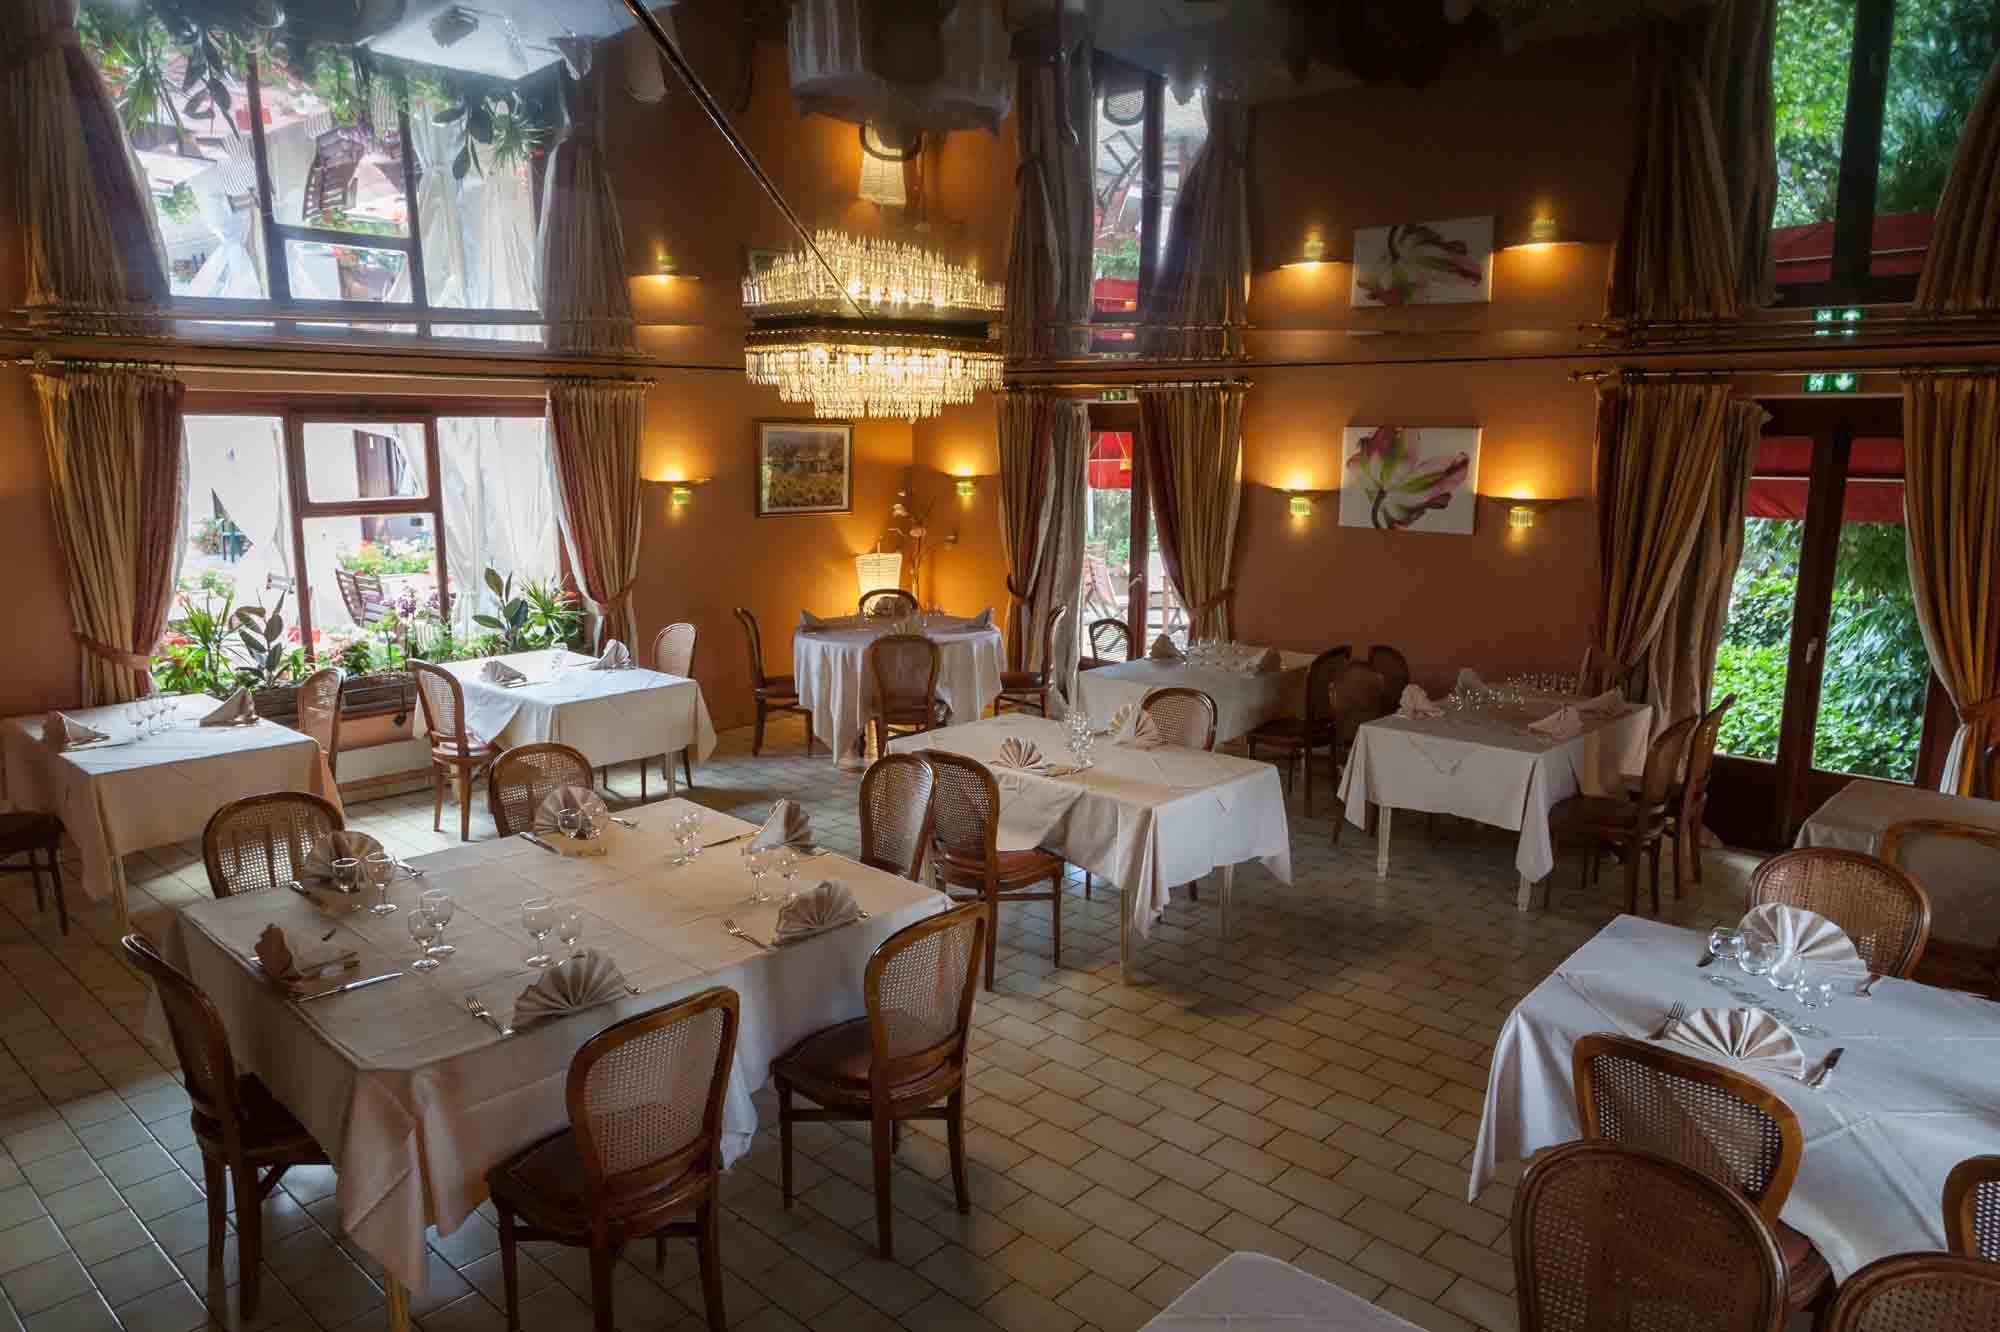 Hôtel-restaurant Au Relais d'Alsace